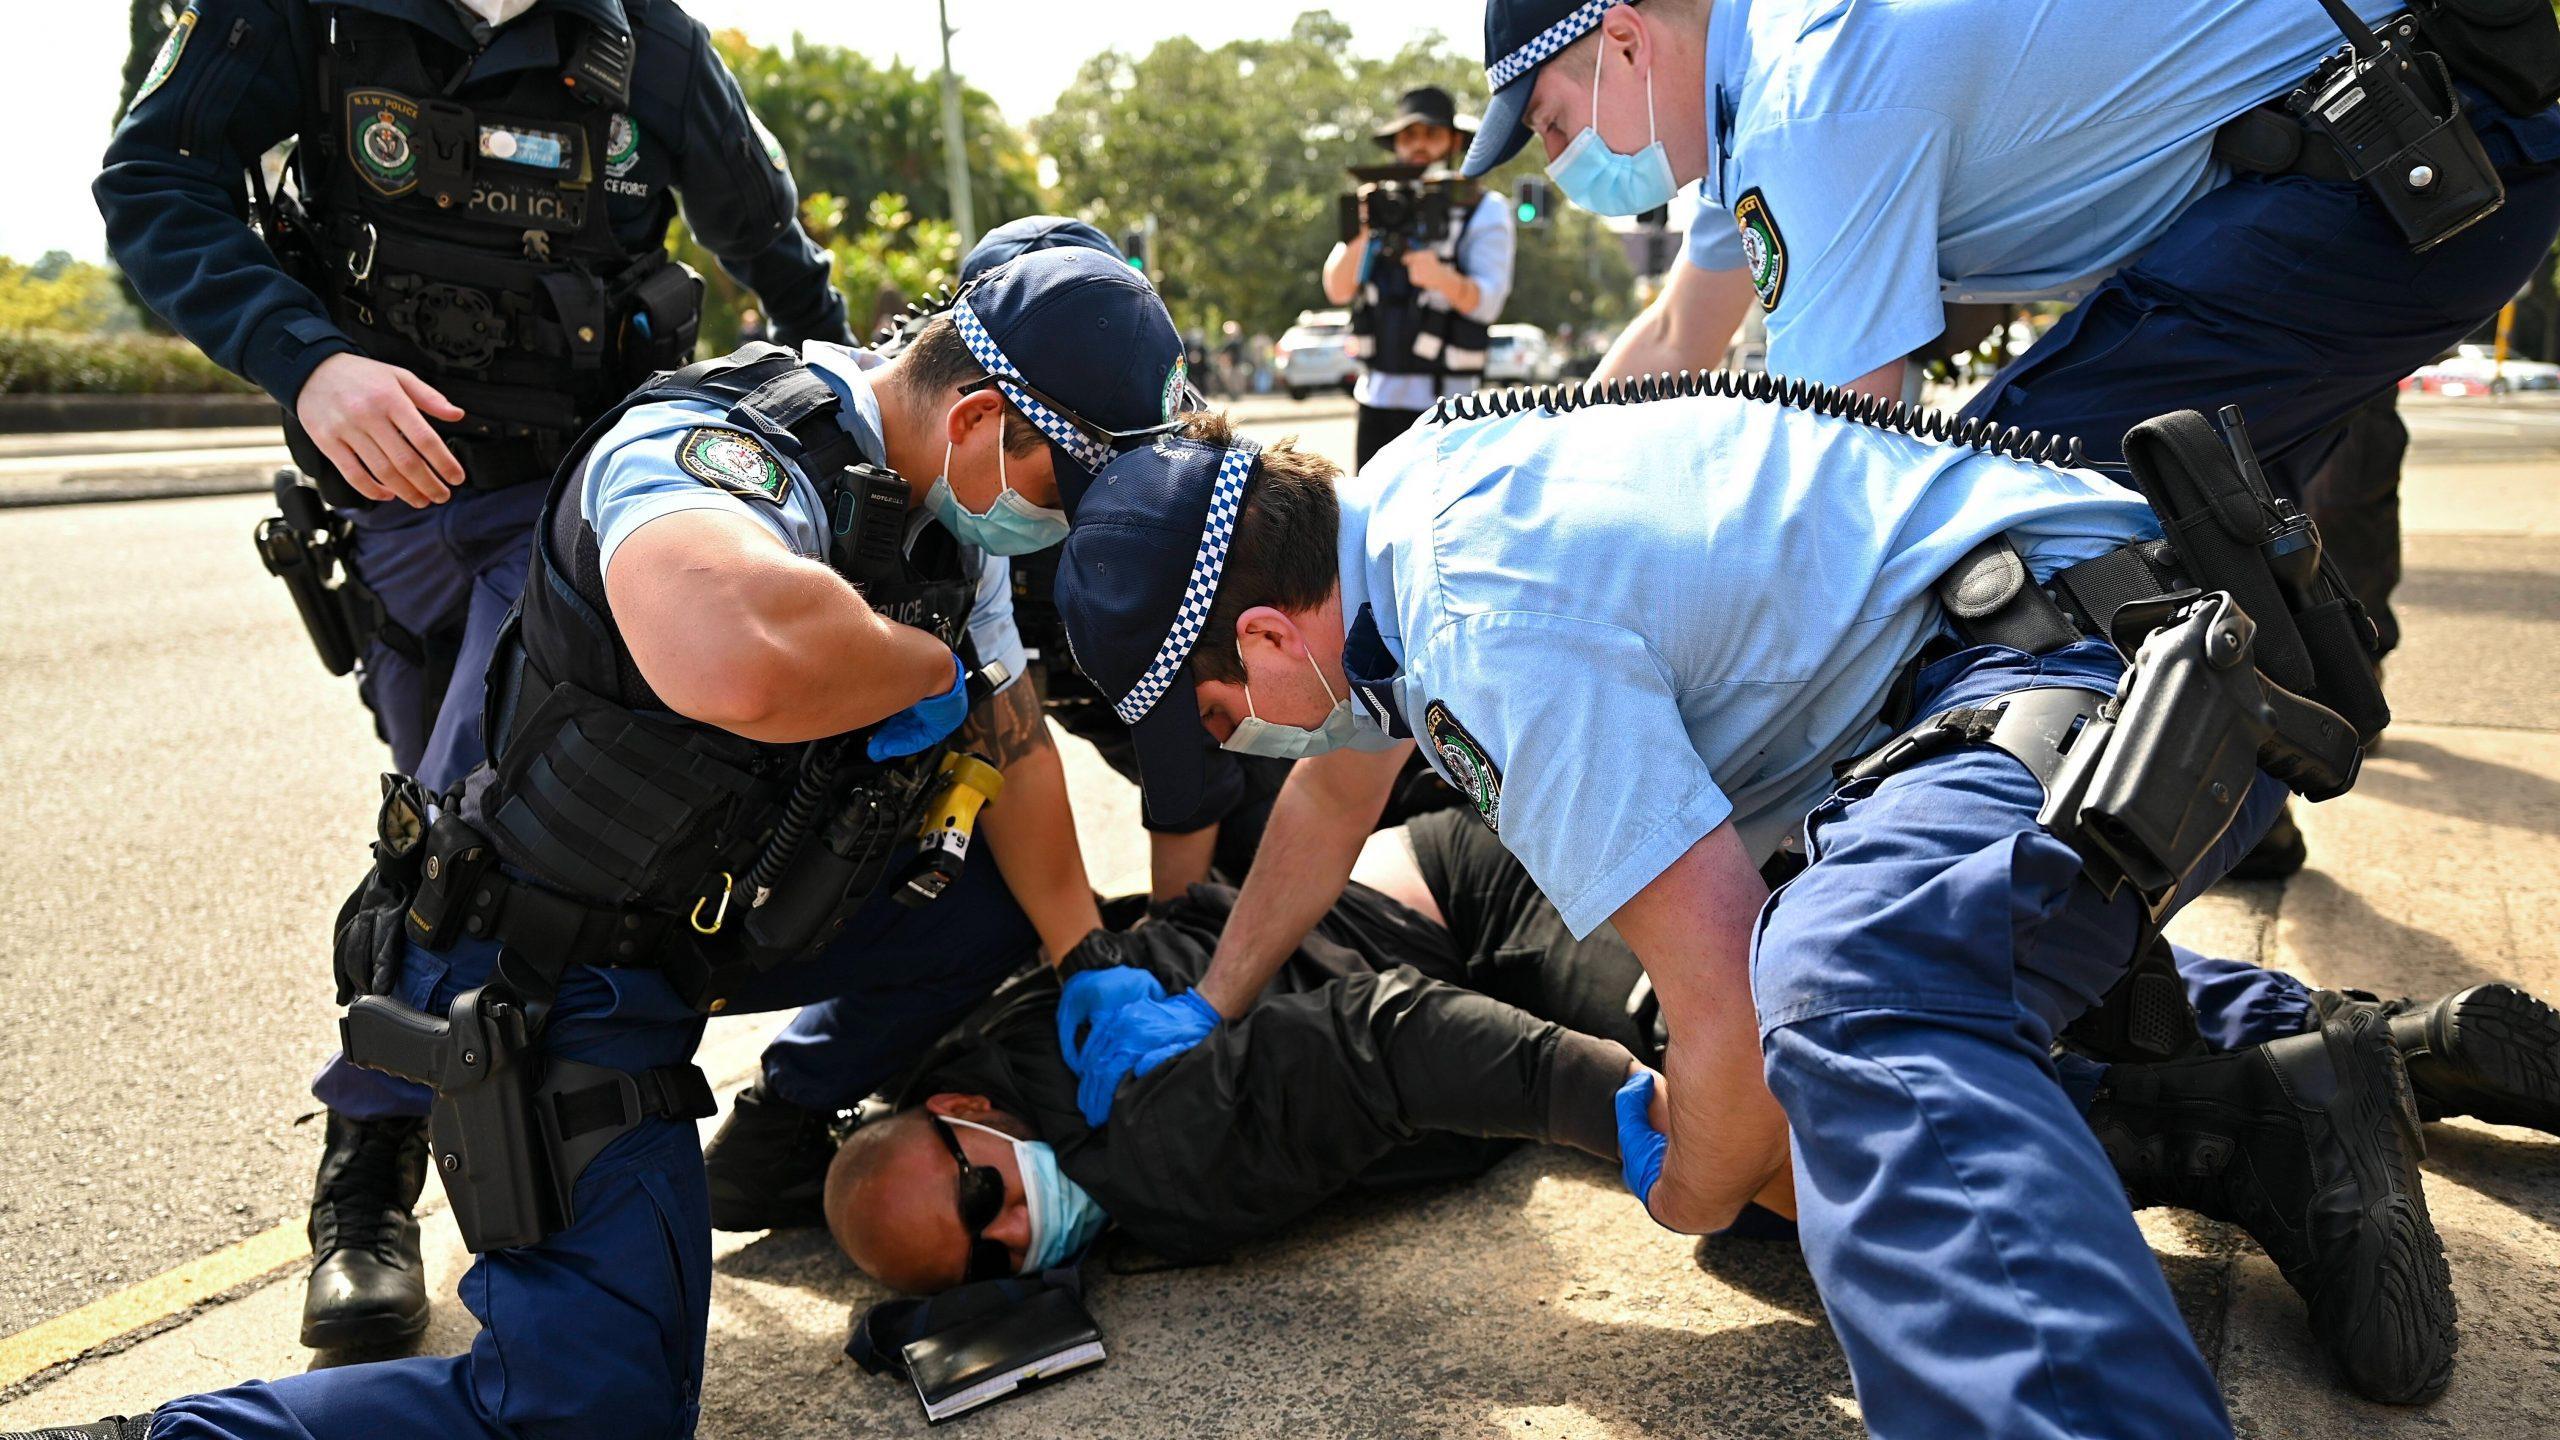 australien-im-covid-krieg:-verzweiflung,-selbstmorde-und-aufstaende